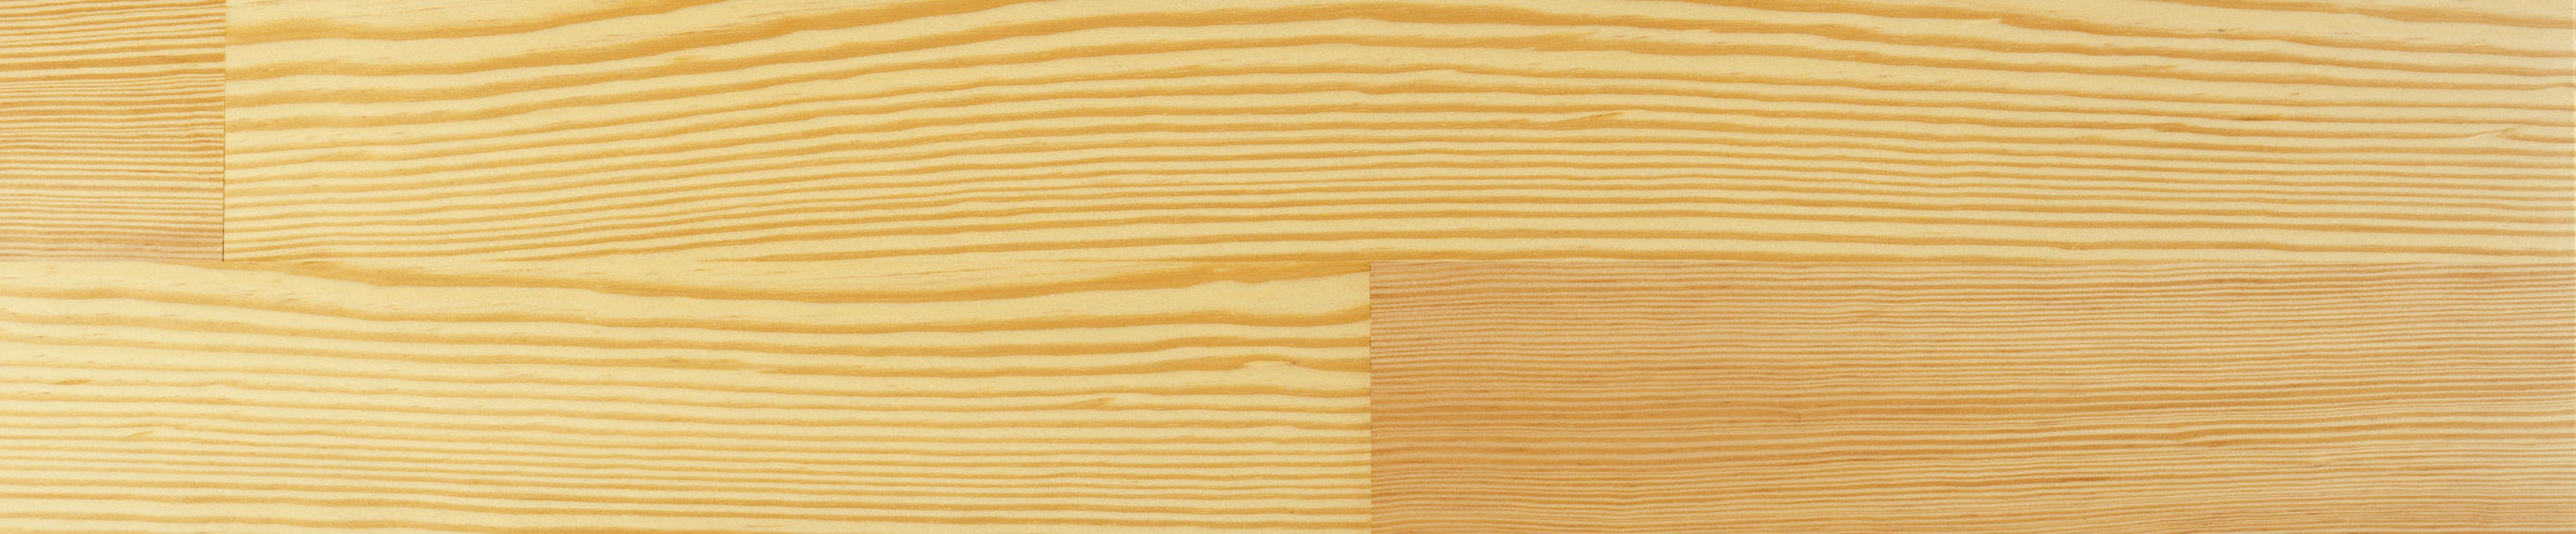 Tarima flotante de madera productos y ofertas de parquets - Tarima flotante ima ...